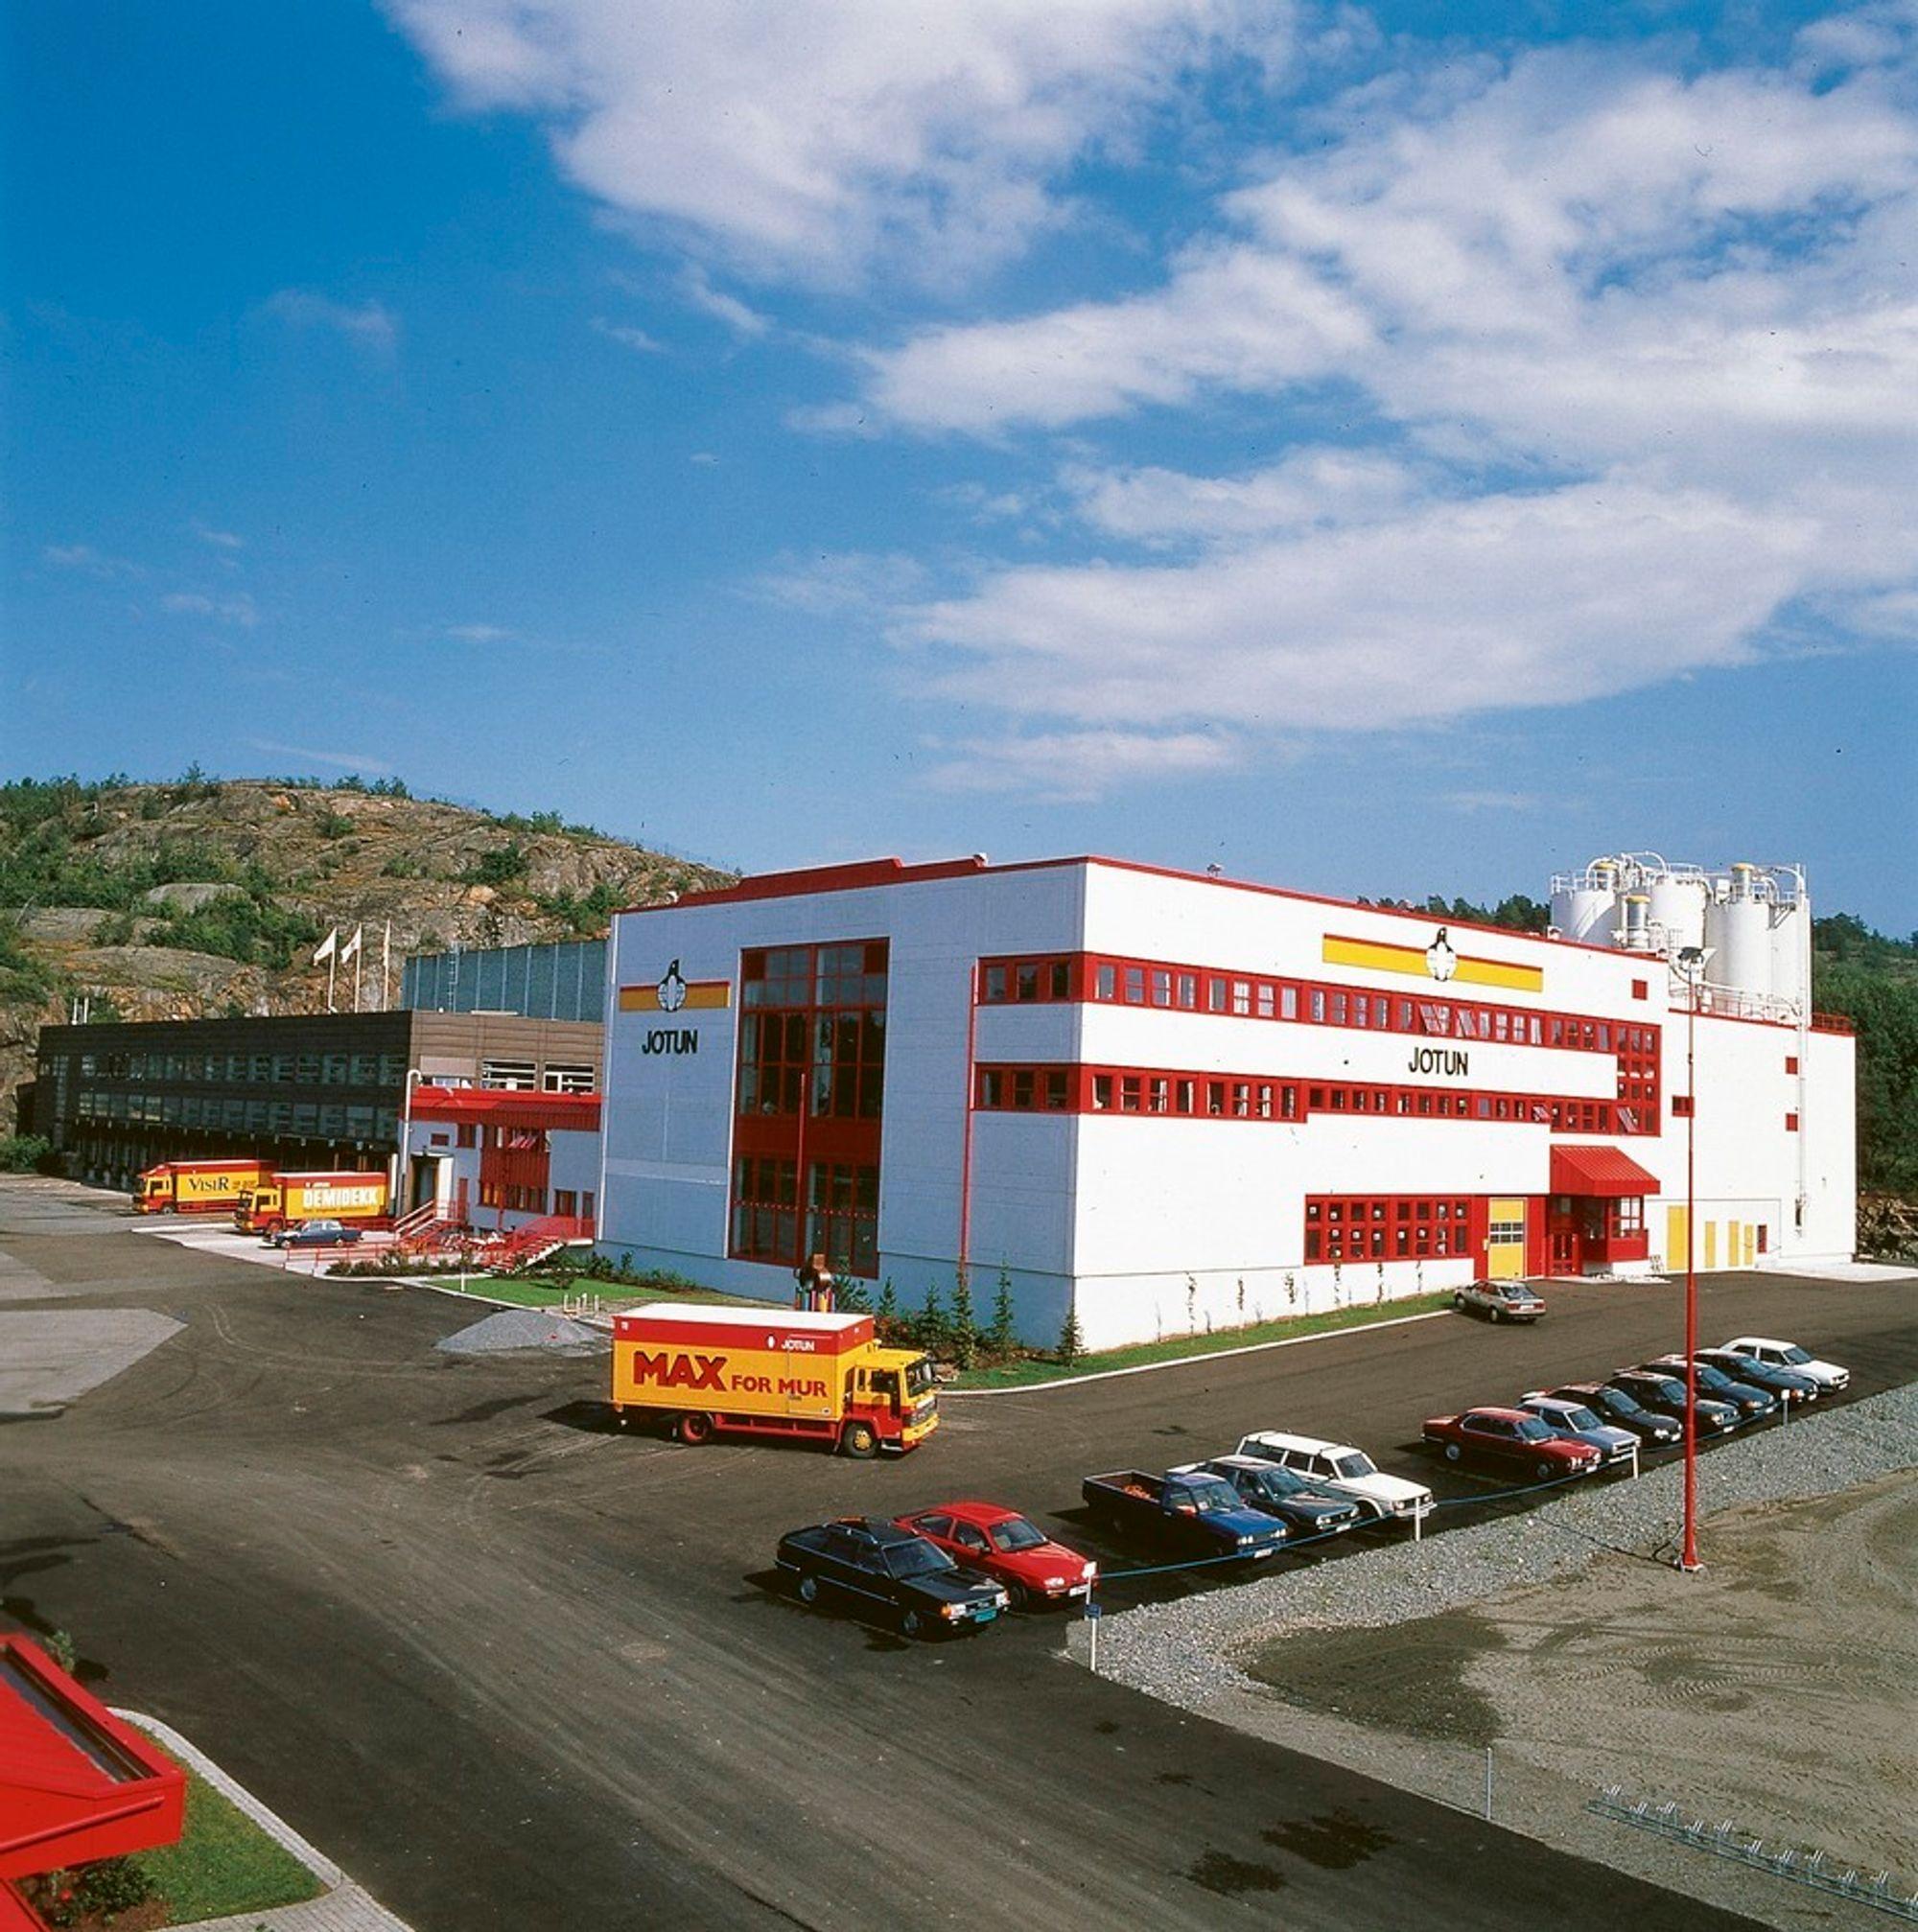 Jotun taper penger på høye råvarepriser, men gjorde likevel flere investeringer i de første åtte månedene i 2011  - deriblant ny produksjonsstruktur og nytt produksjonsanlegg på denne fabrikken i Sandefjord.